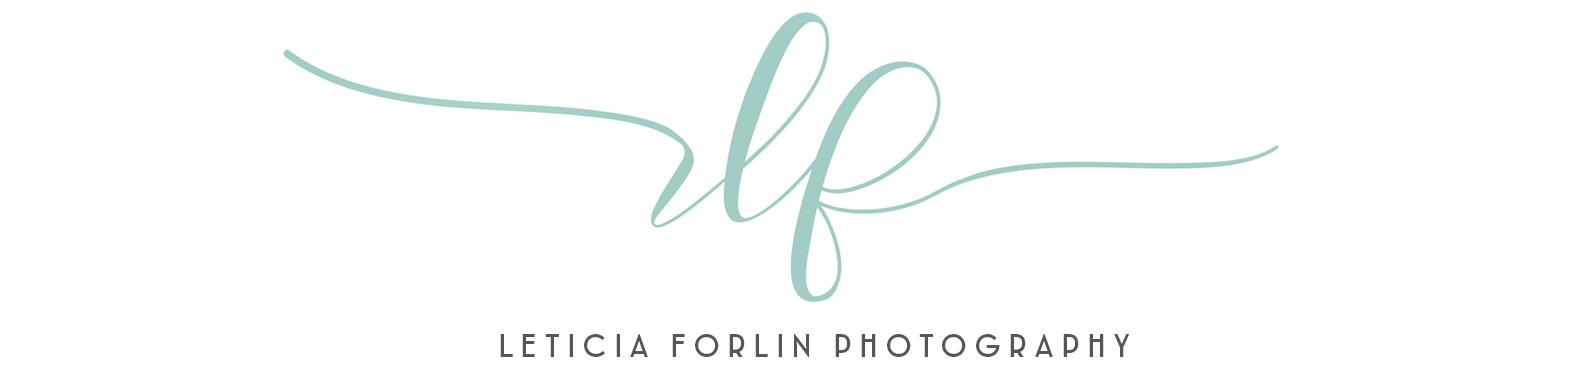 Leticia Forlin